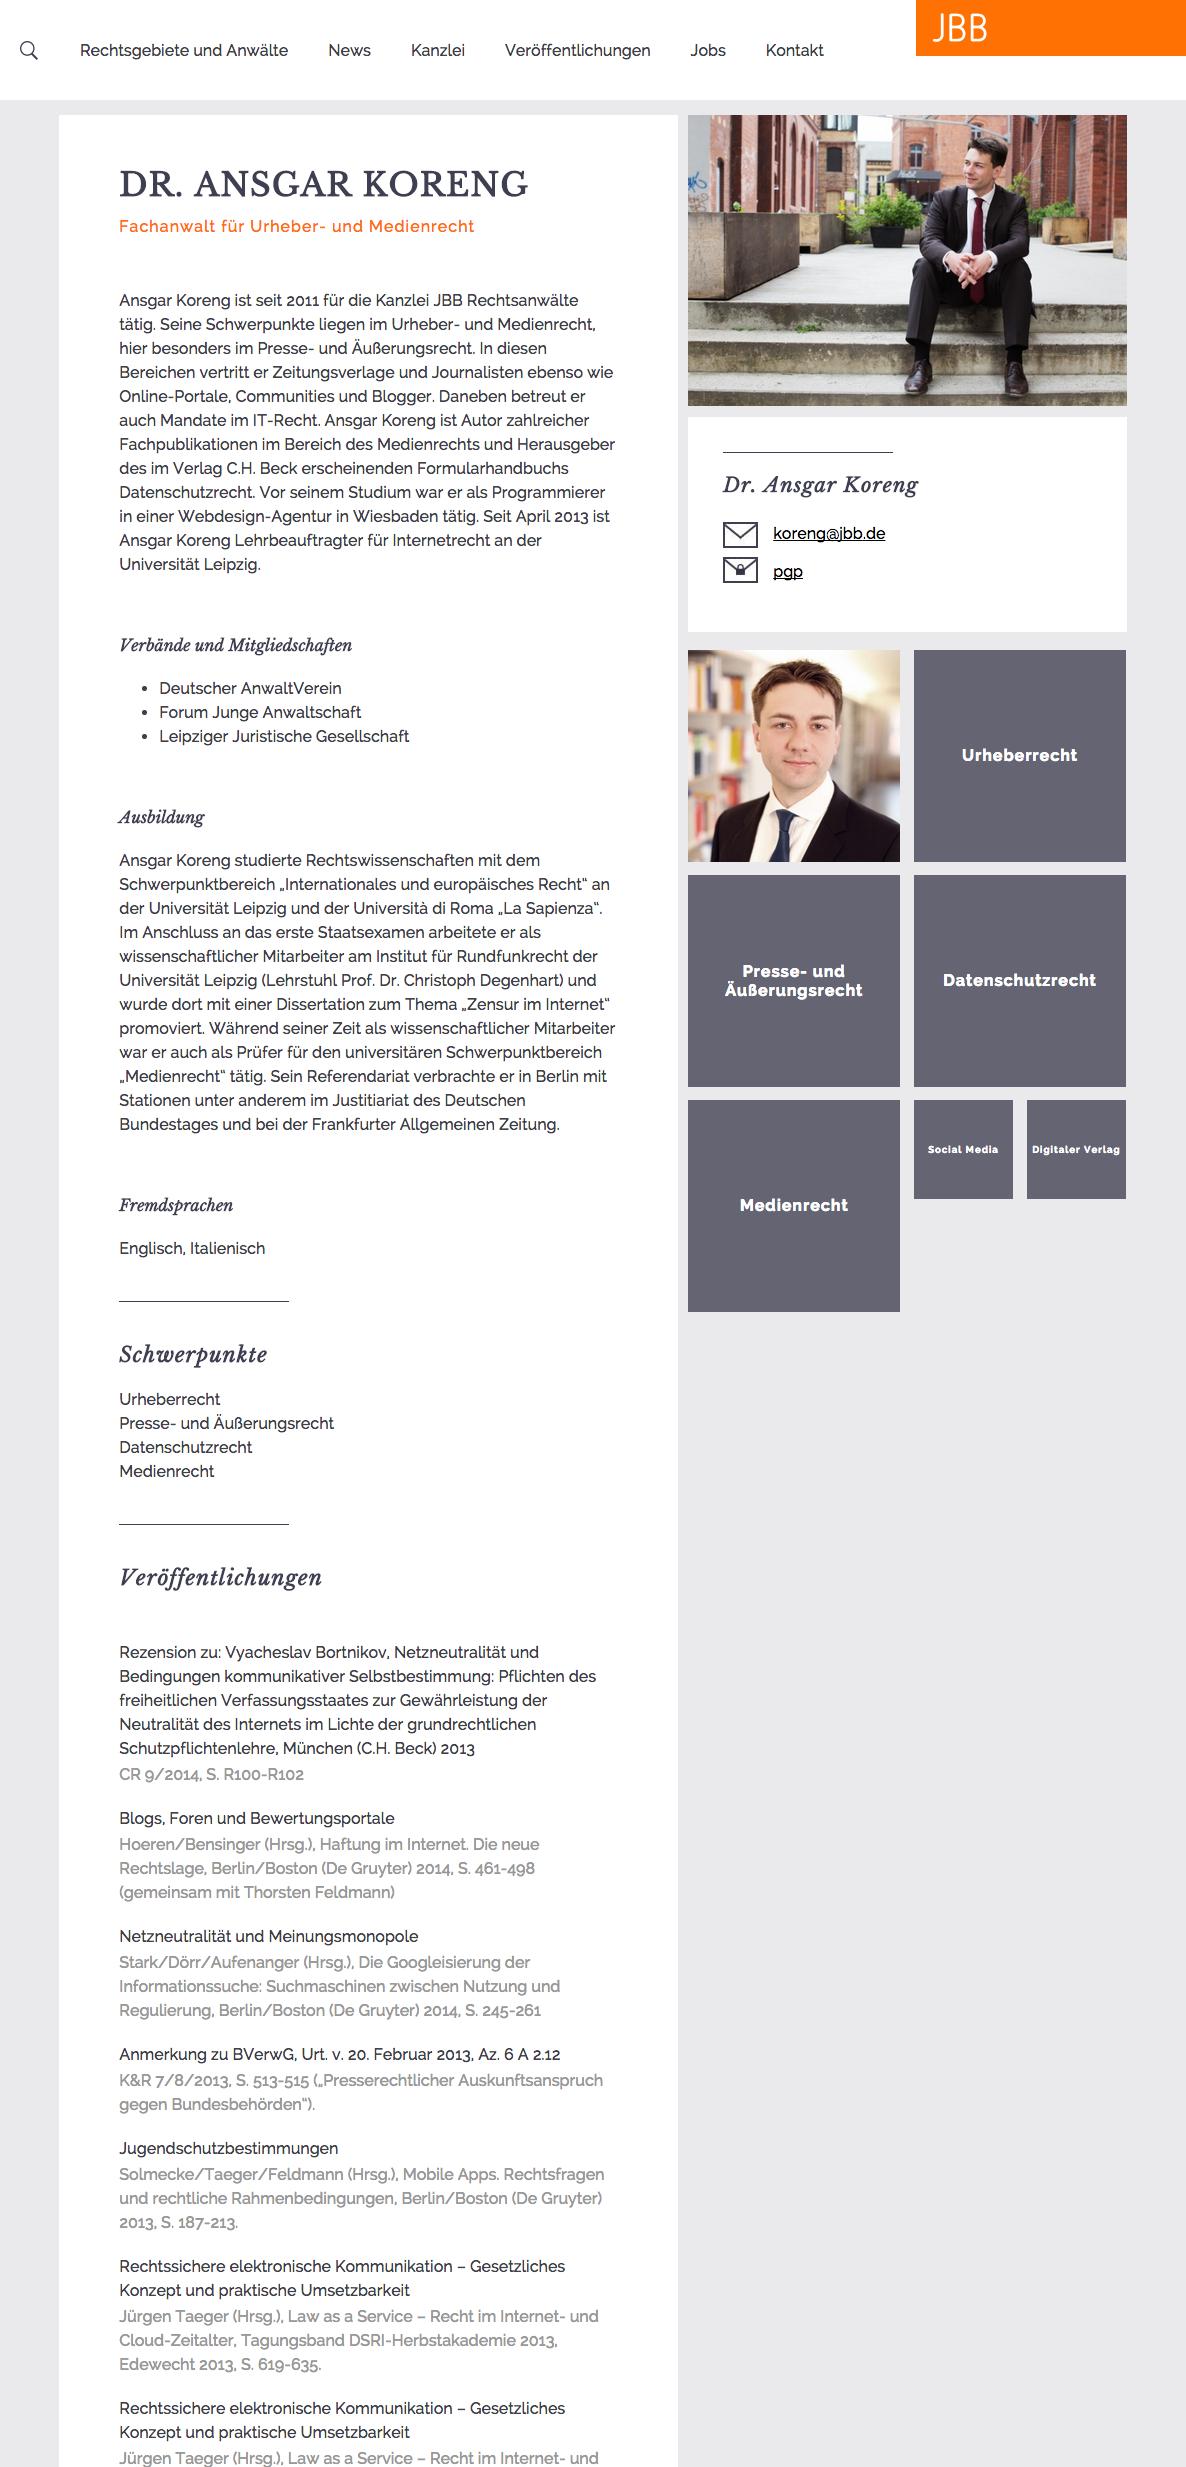 http___www.jbb.de-anwaelte-dr-ansgar-koreng